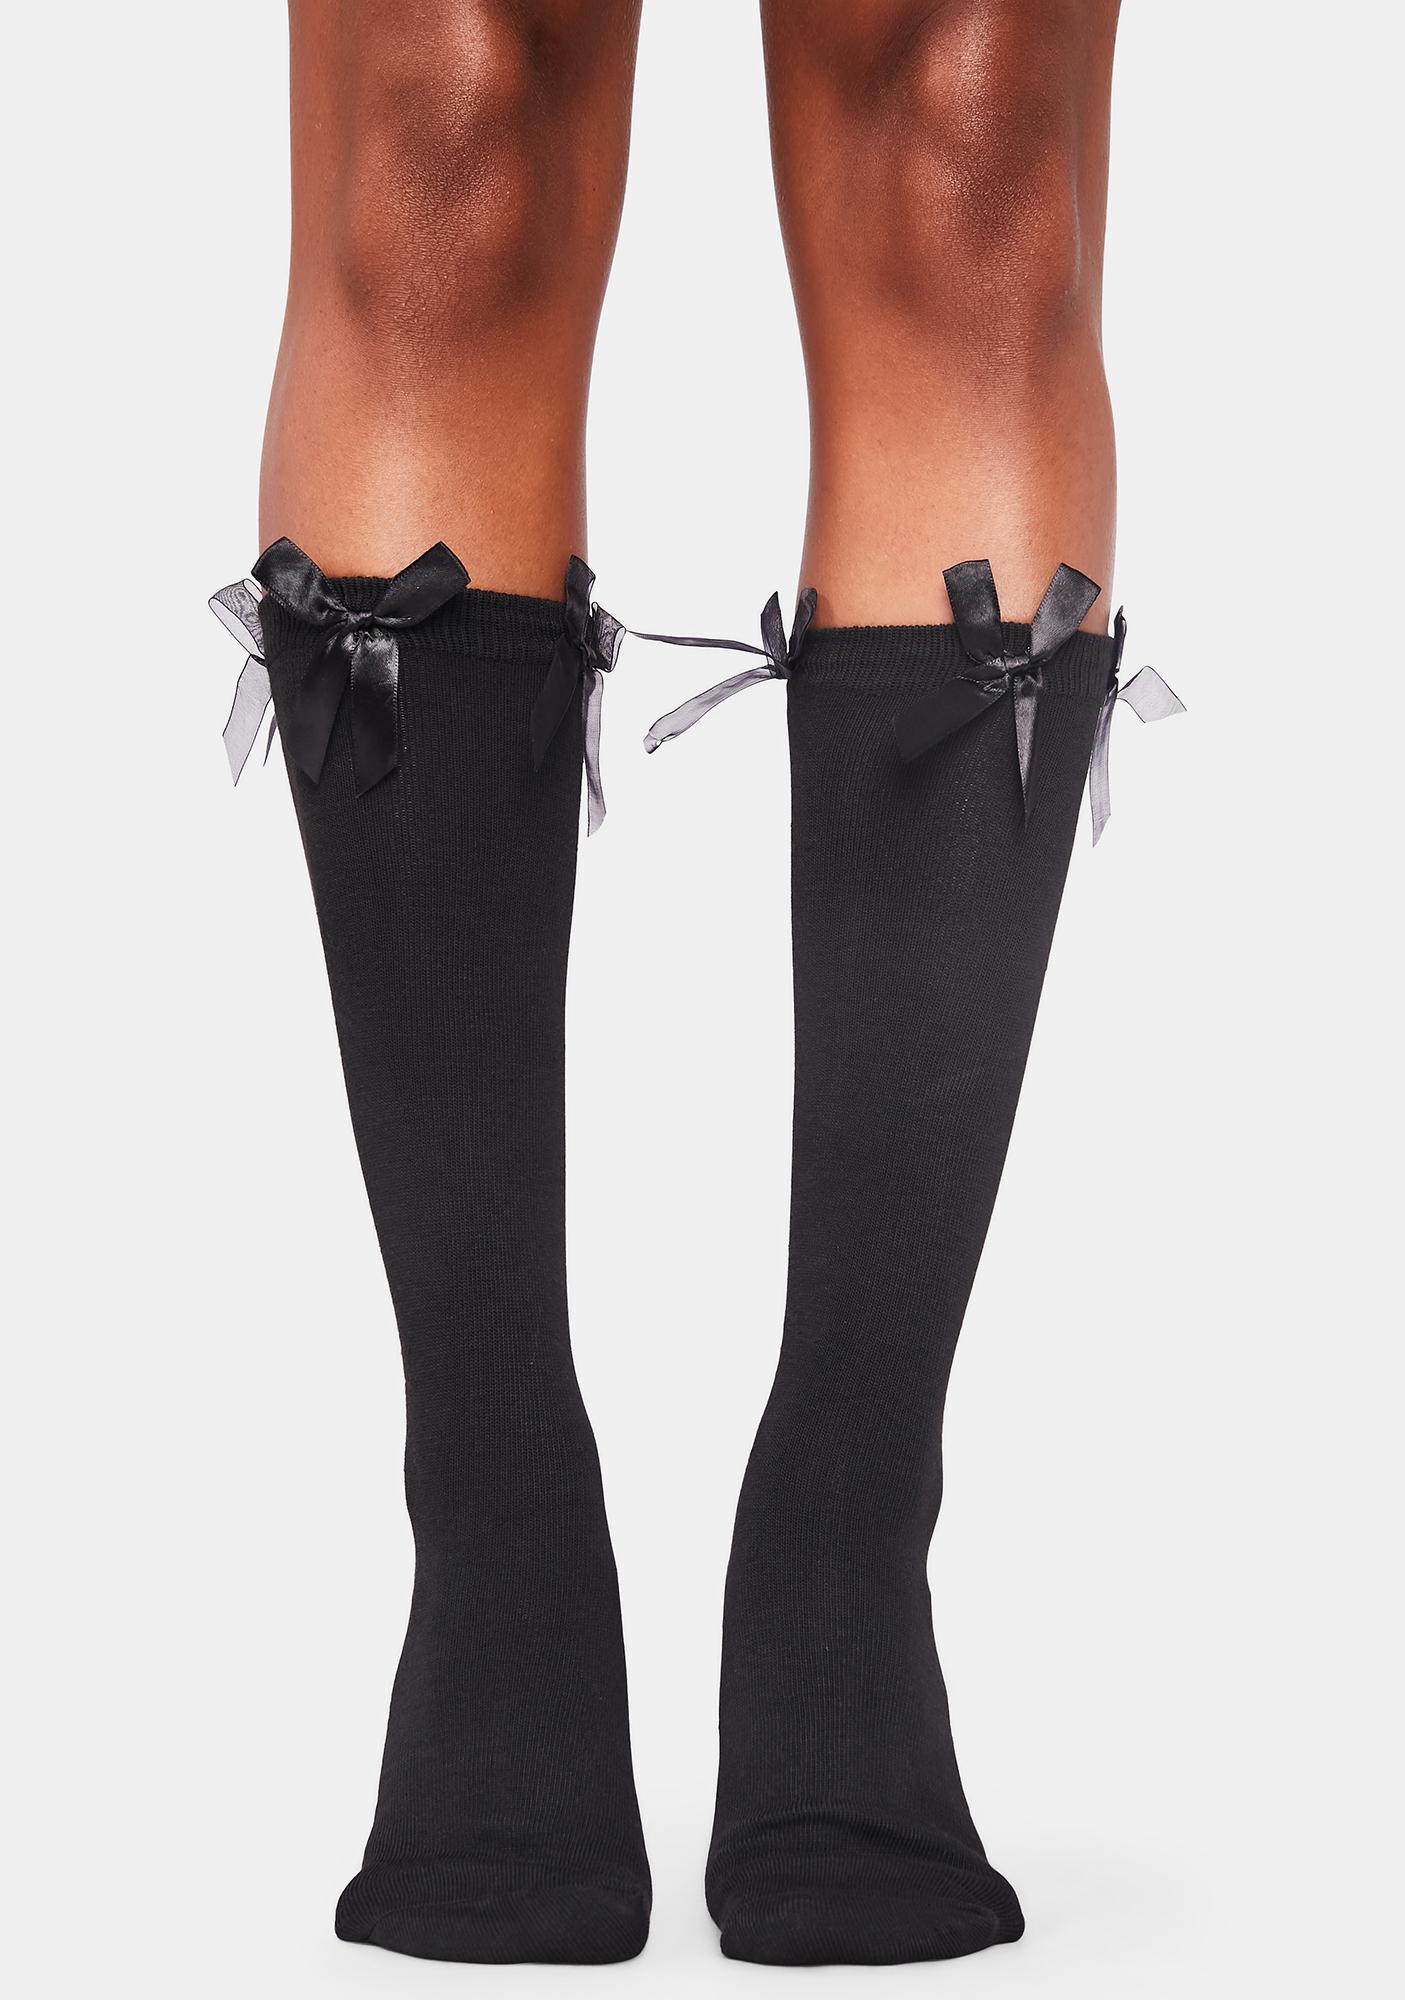 Noir Heaven's Baby Bow Knee Socks